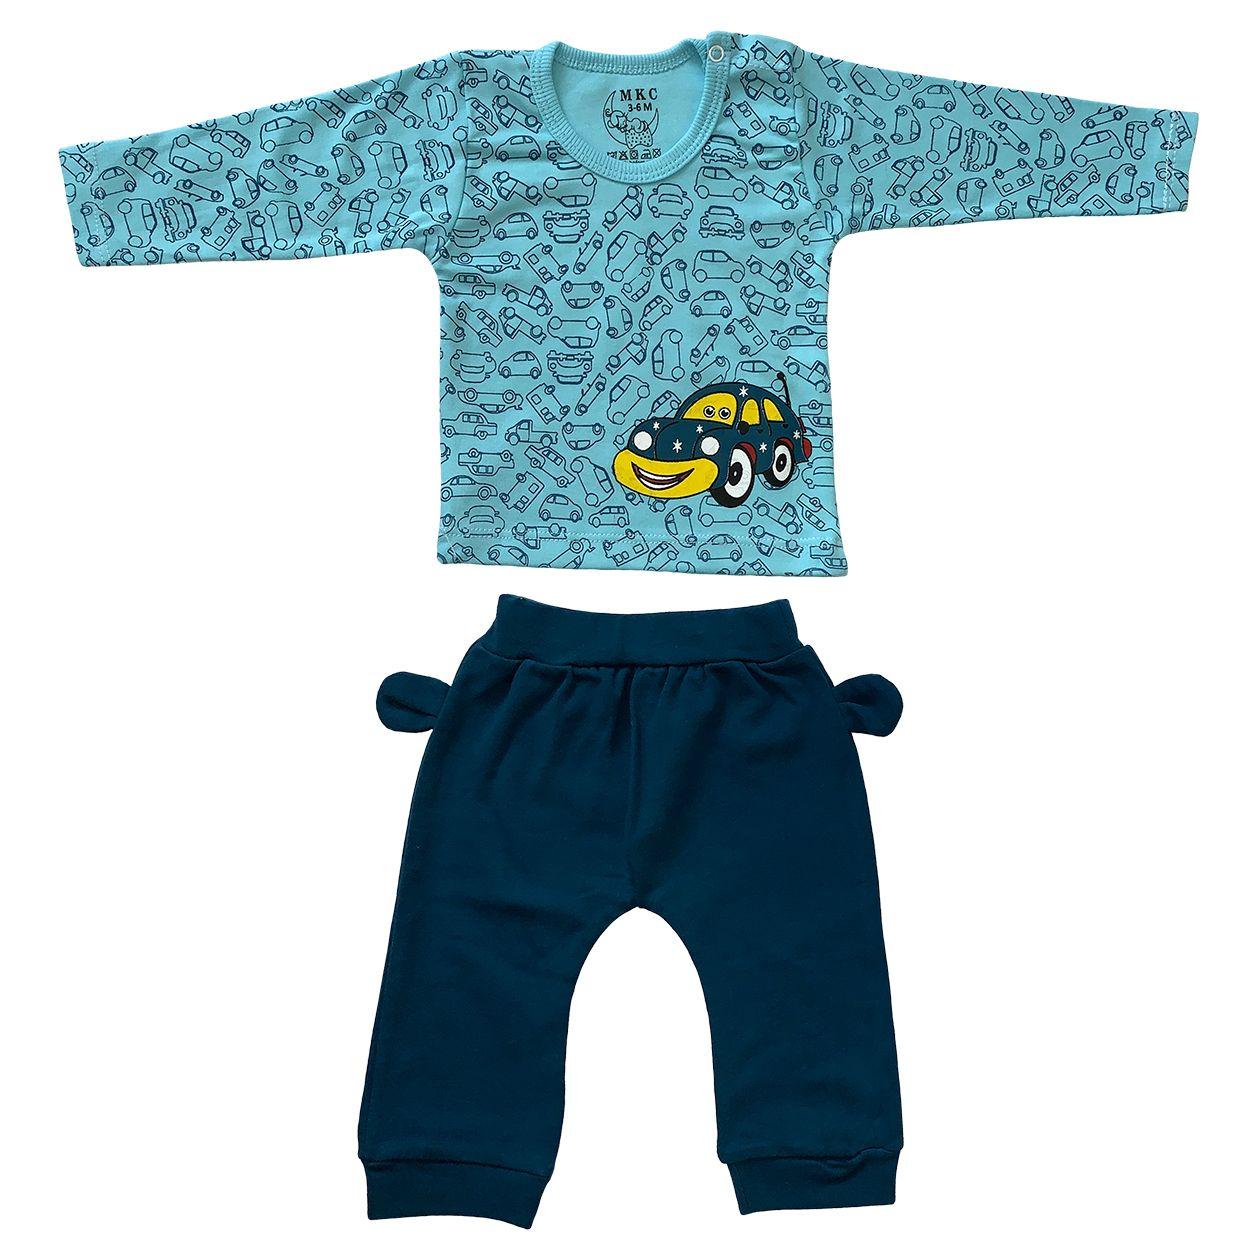 ست تی شرت و شلوار نوزادی طرح ماشین کد FF-078 -  - 3